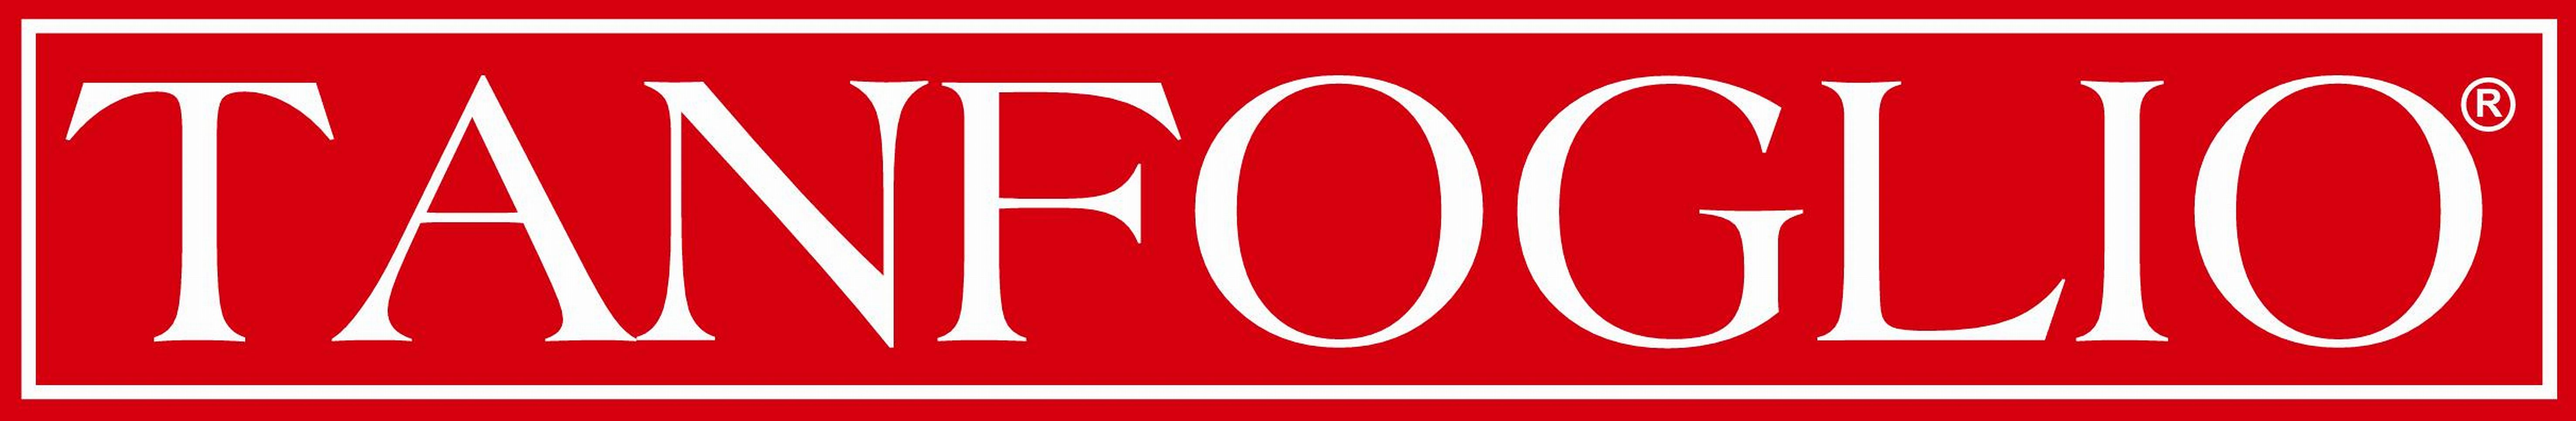 Fratelli Tanfoglio di Tanfoglio Bortolo & C. Snc logo